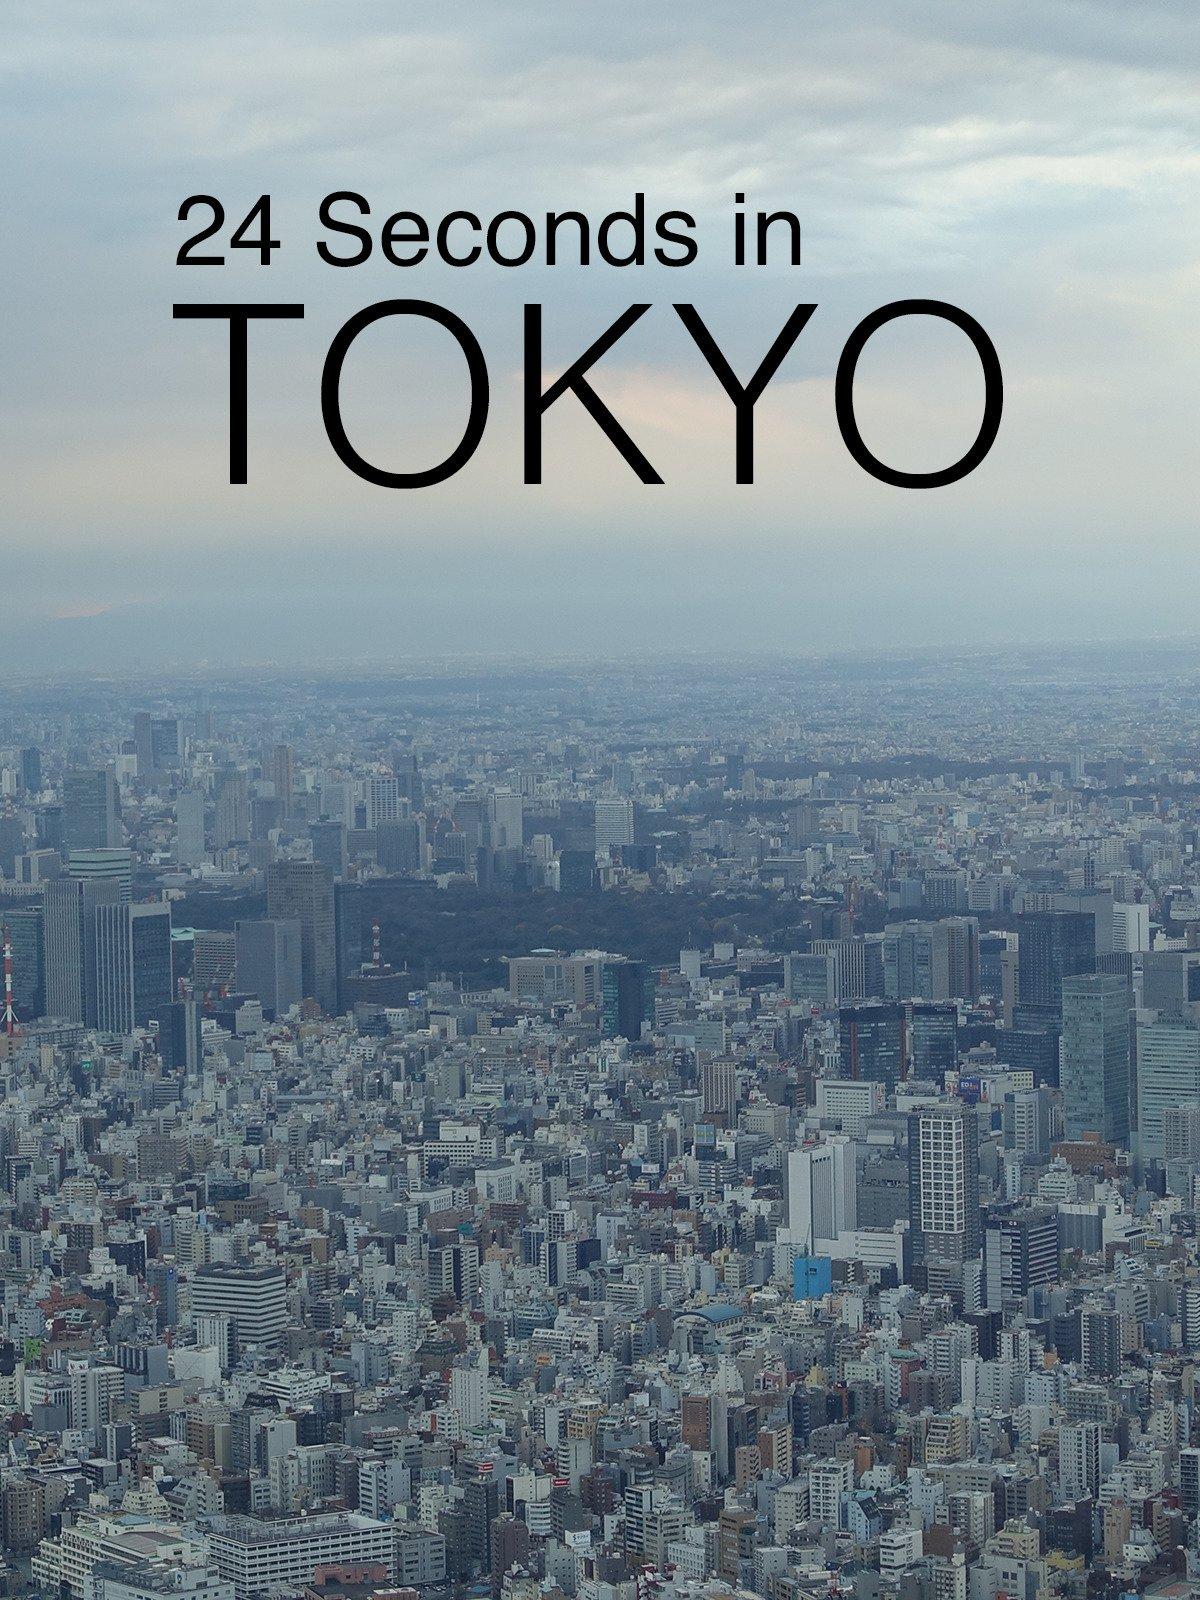 24 Seconds in Tokyo